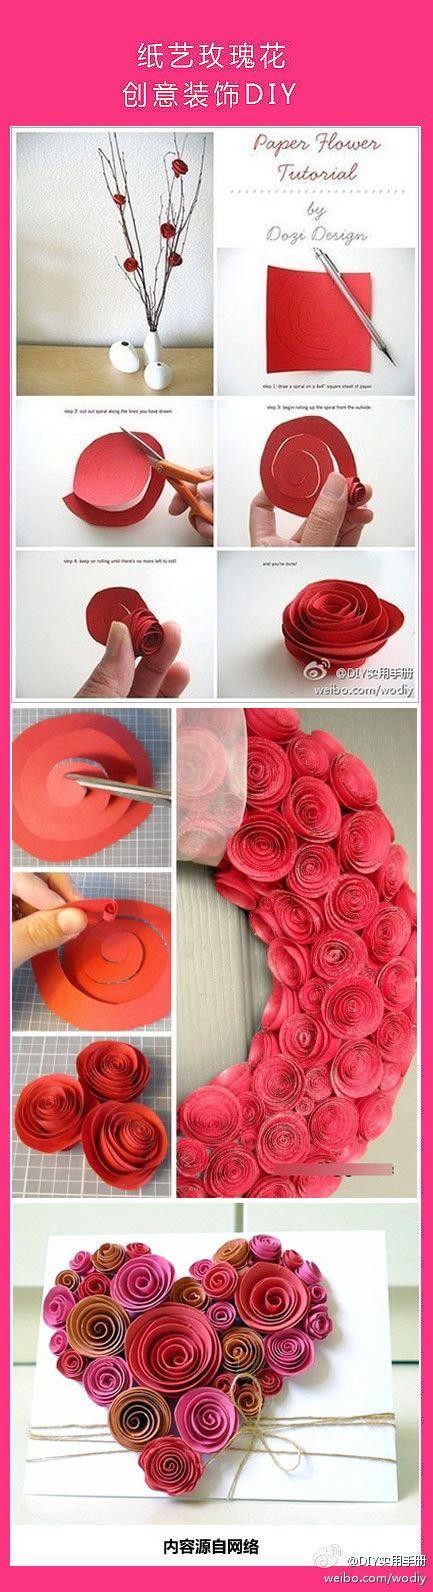 紙藝玫瑰来自逸霏1208的图片分享-堆糖网;